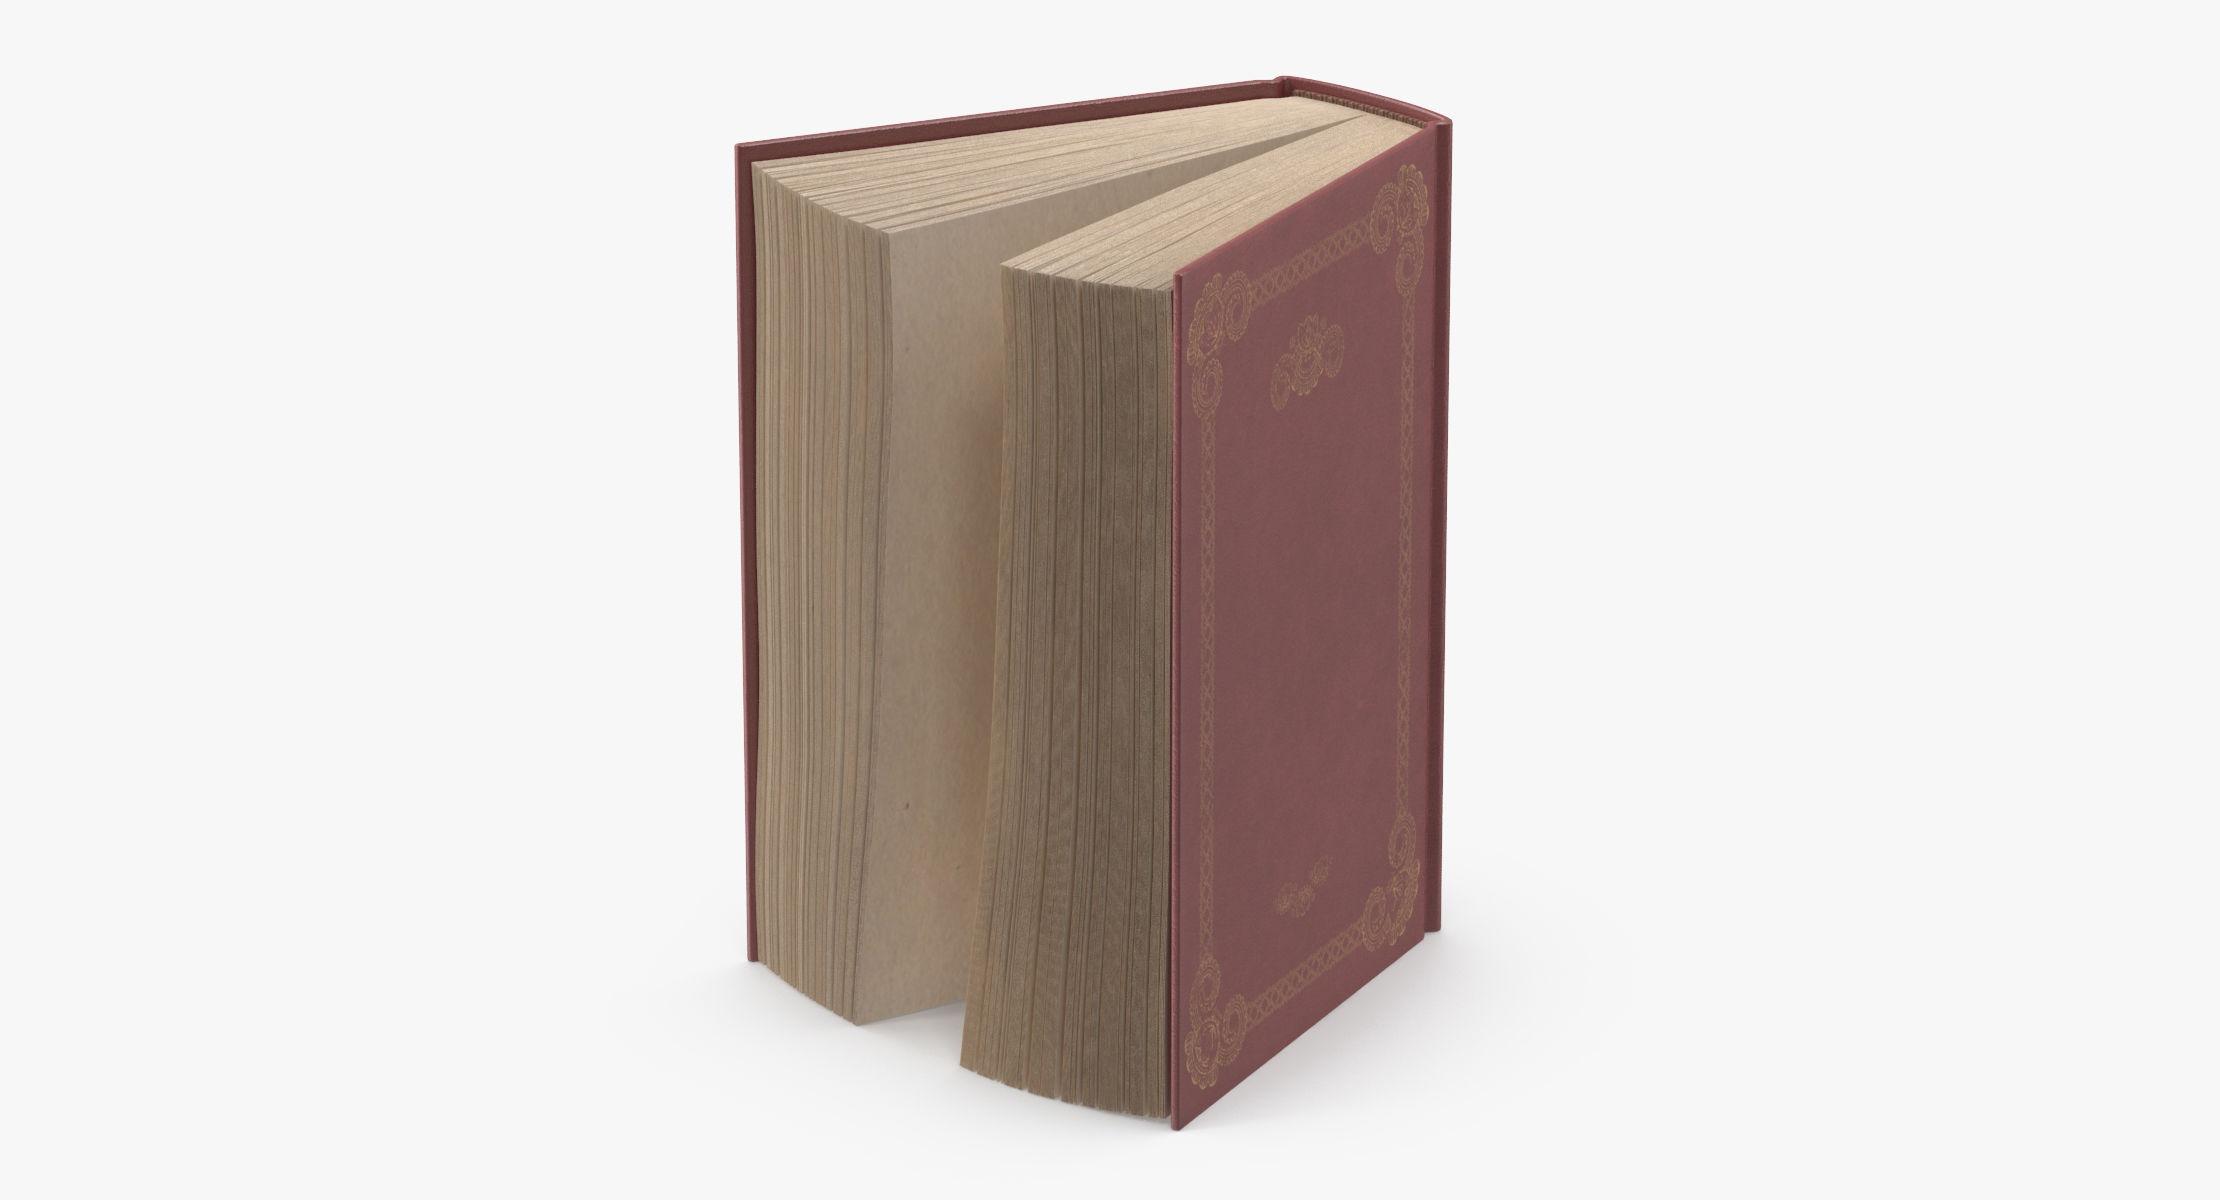 Classic Book 05 Standing Open - reel 1